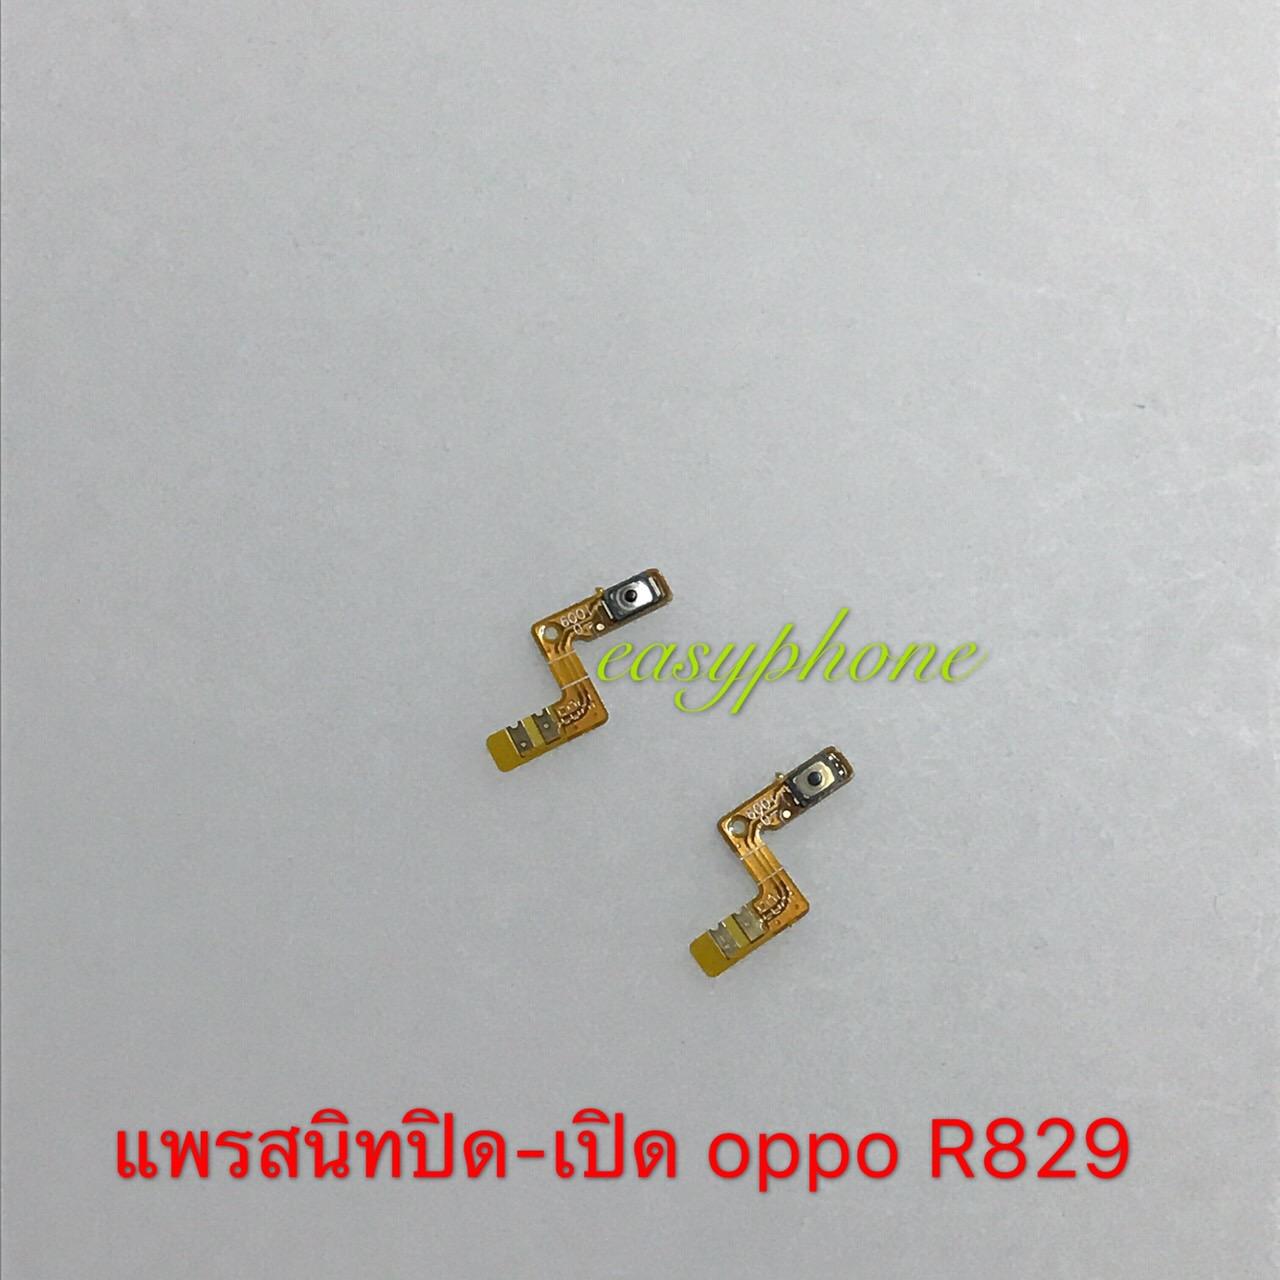 แพรสวิท เปิด-ปิด OPPO R829